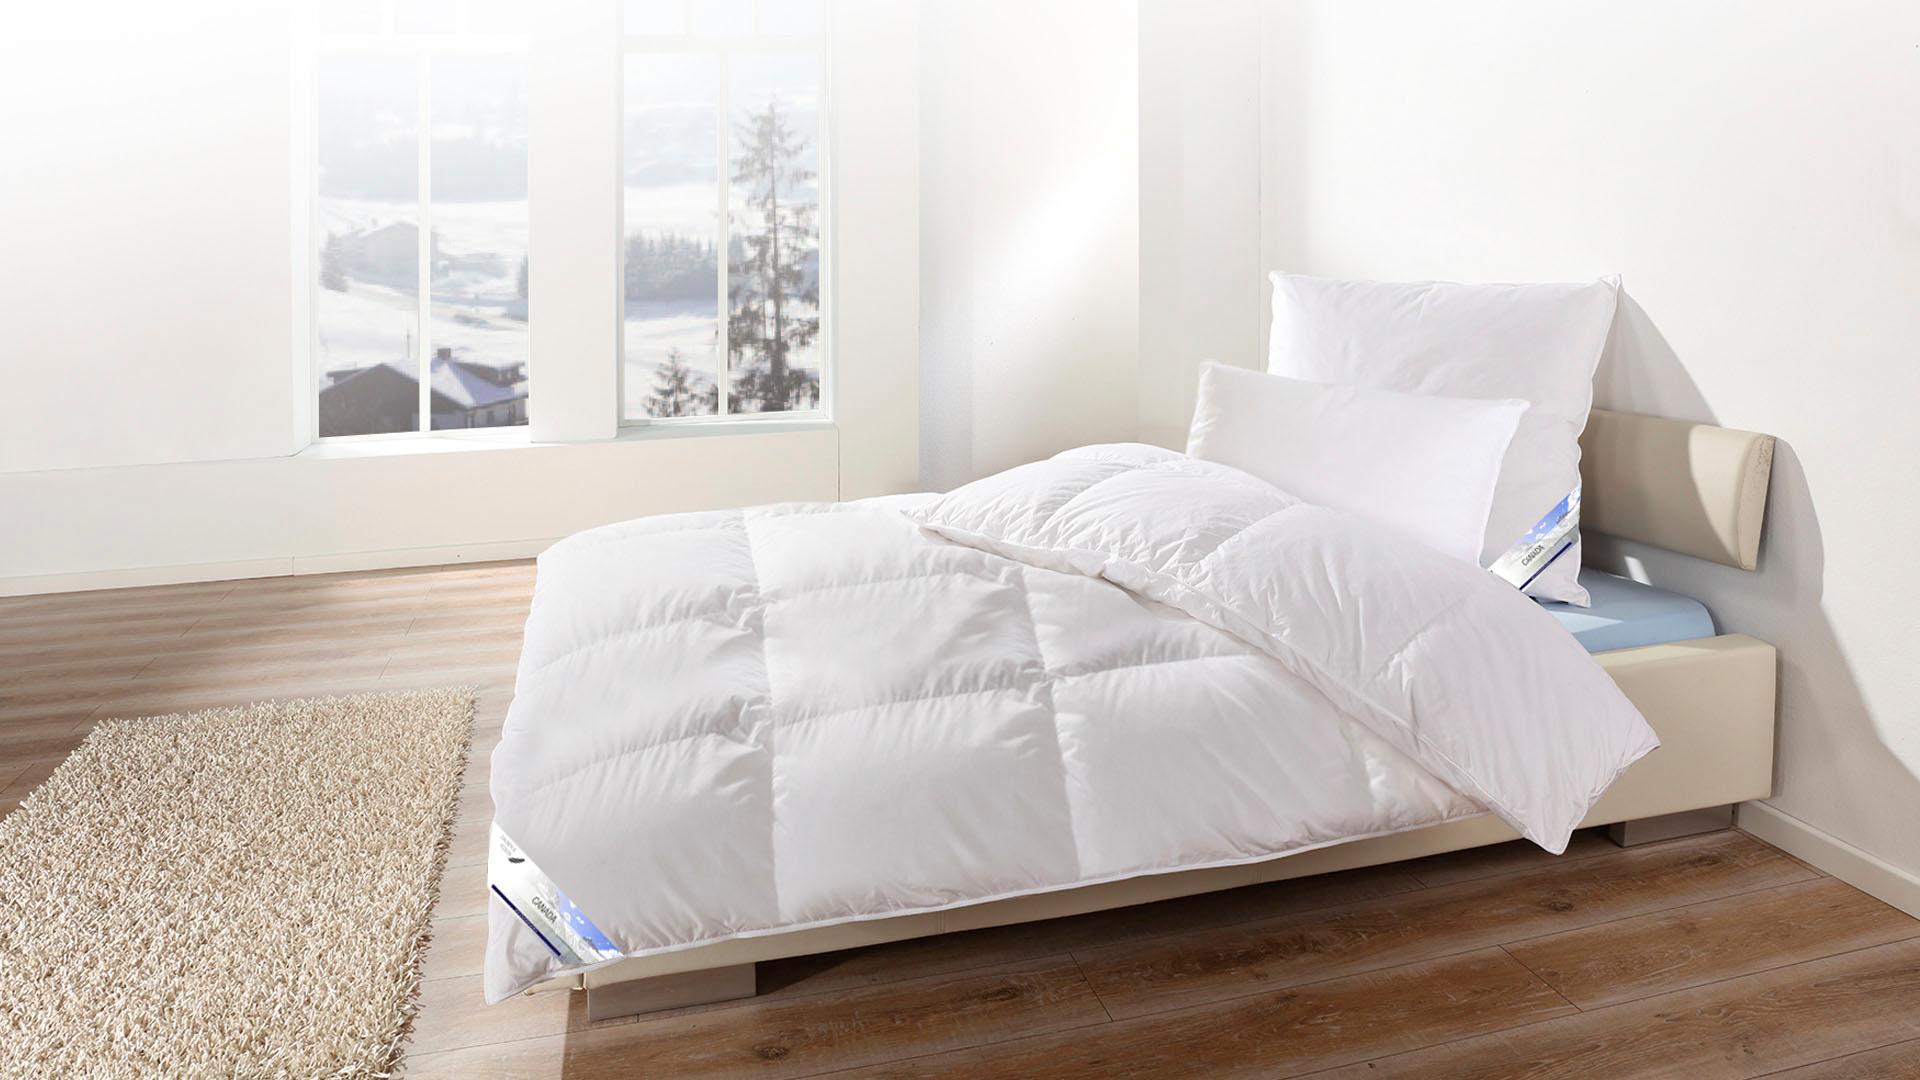 Daunenbettdecke Canada KBT Bettwaren extrawarm Füllung: 60% Daunen 40% Federn Bezug: 100% Baumwolle